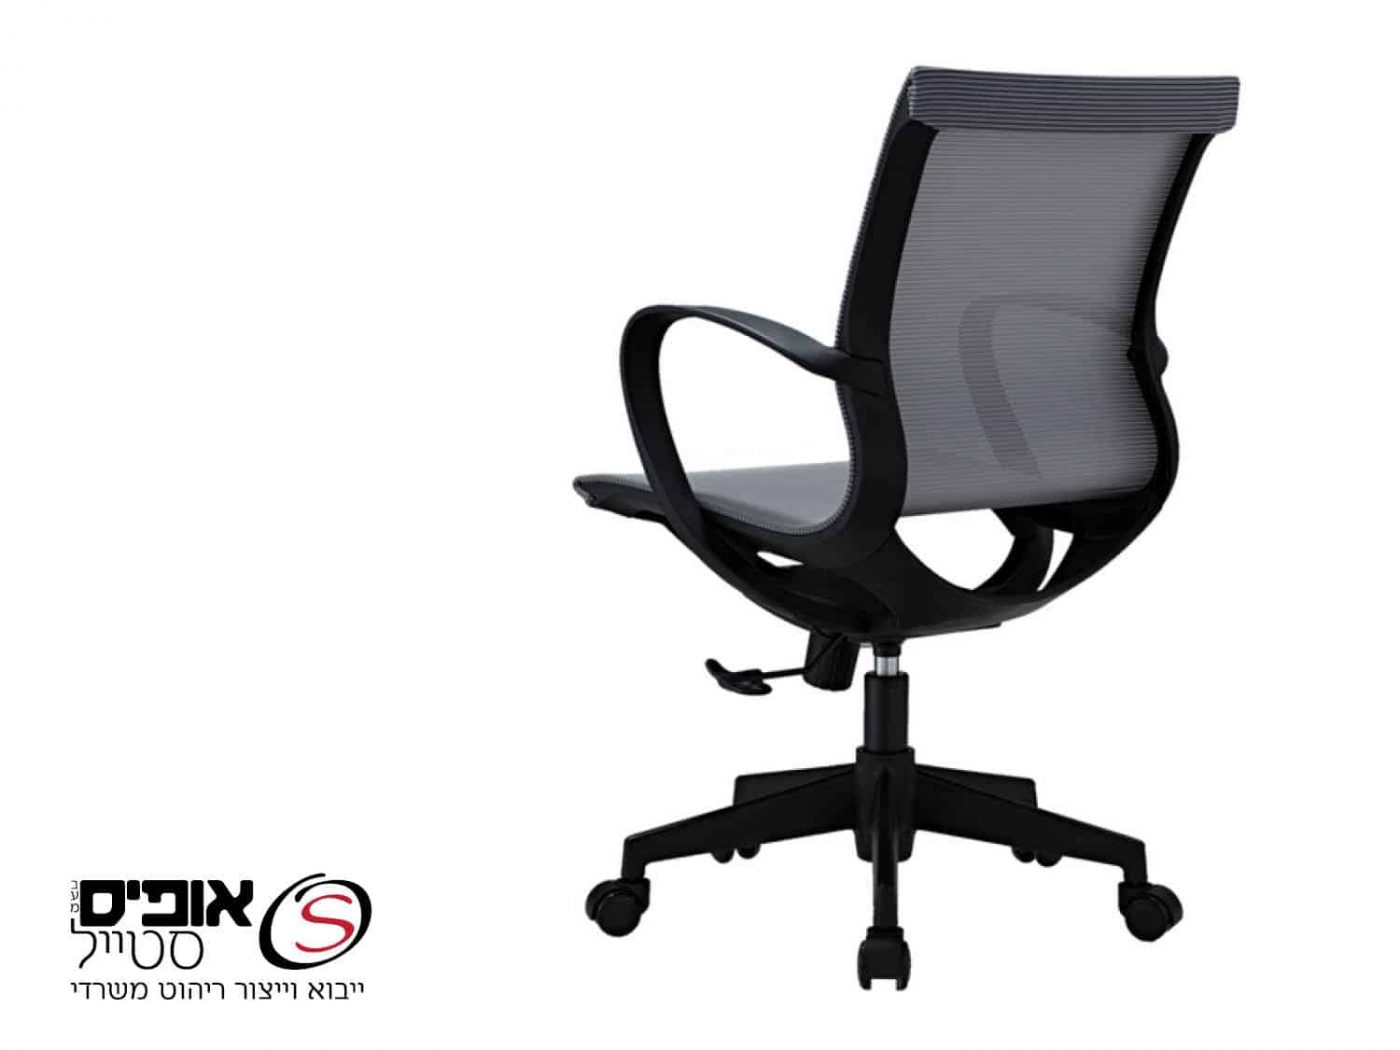 כסא מחשב סטפאן שחור מושב ומשענת אפור .